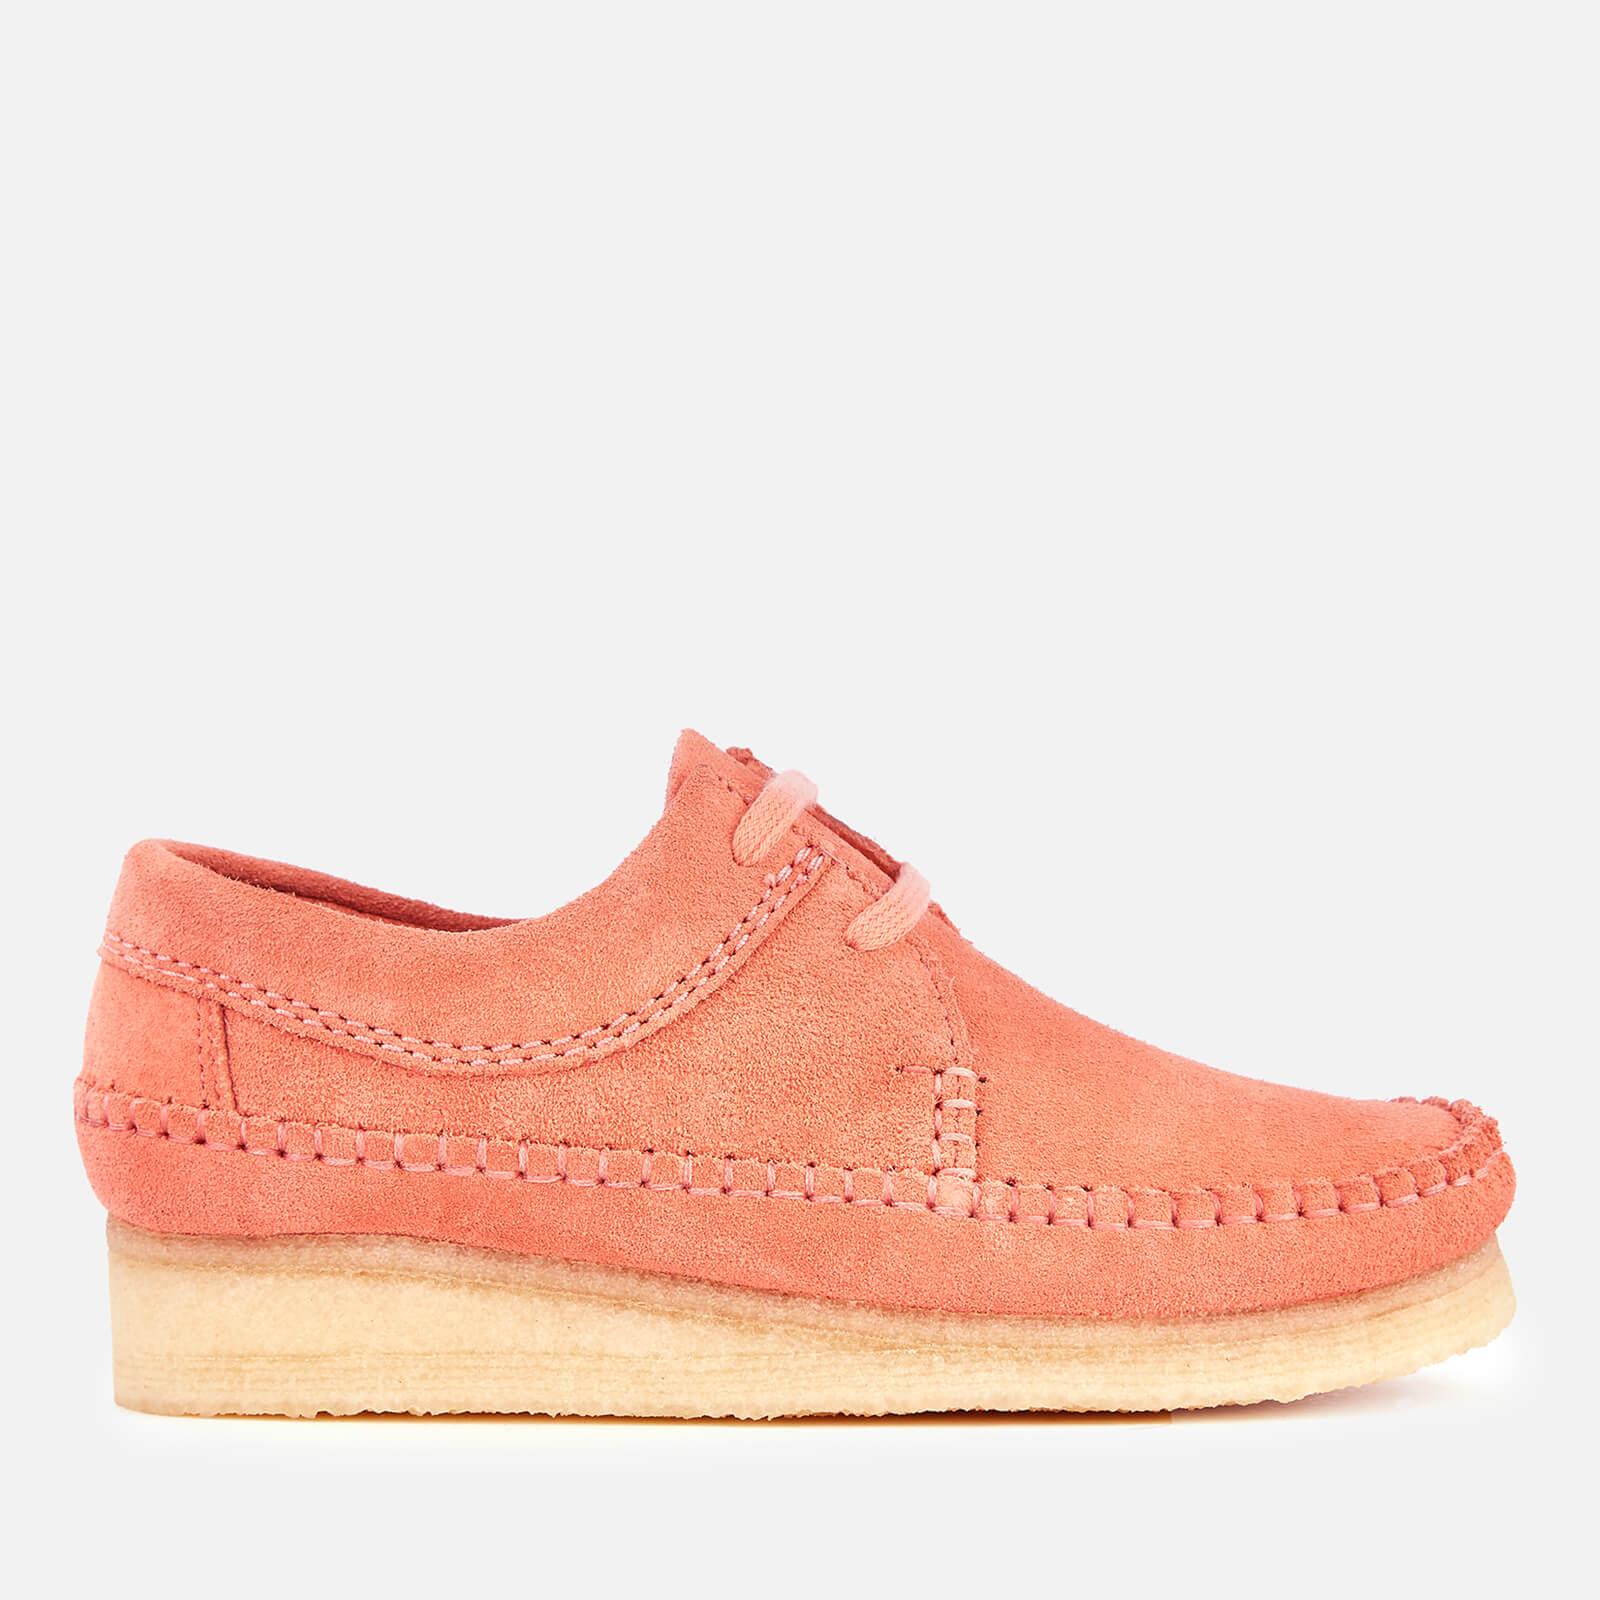 Clarks Originals Women's Weaver Suede Shoes - Coral - UK 3 - Pink